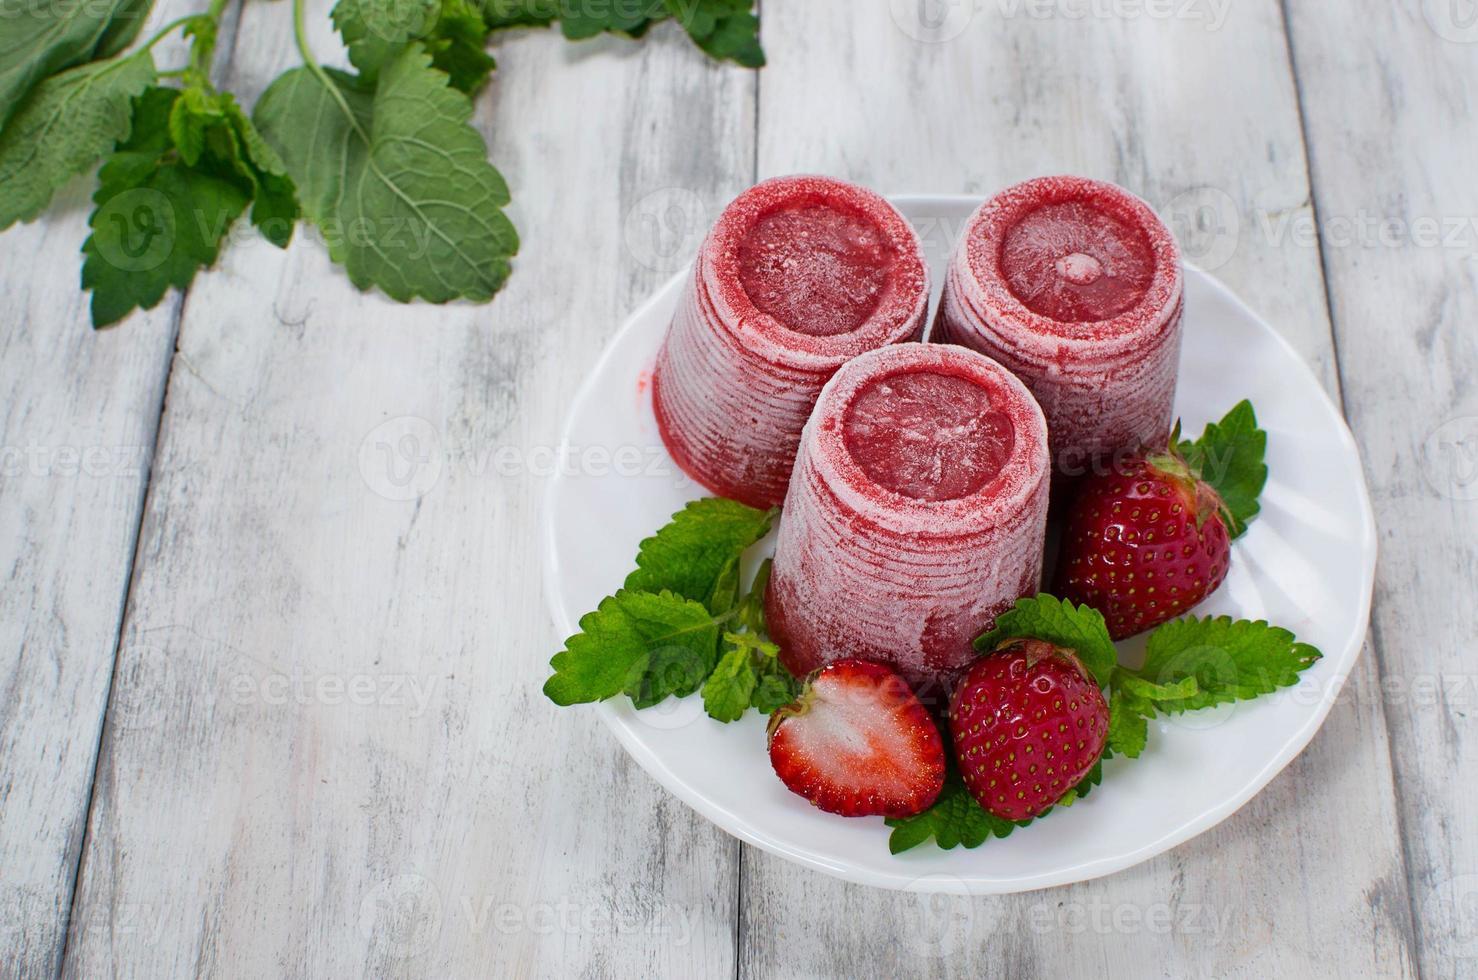 helado de fresa con menta foto